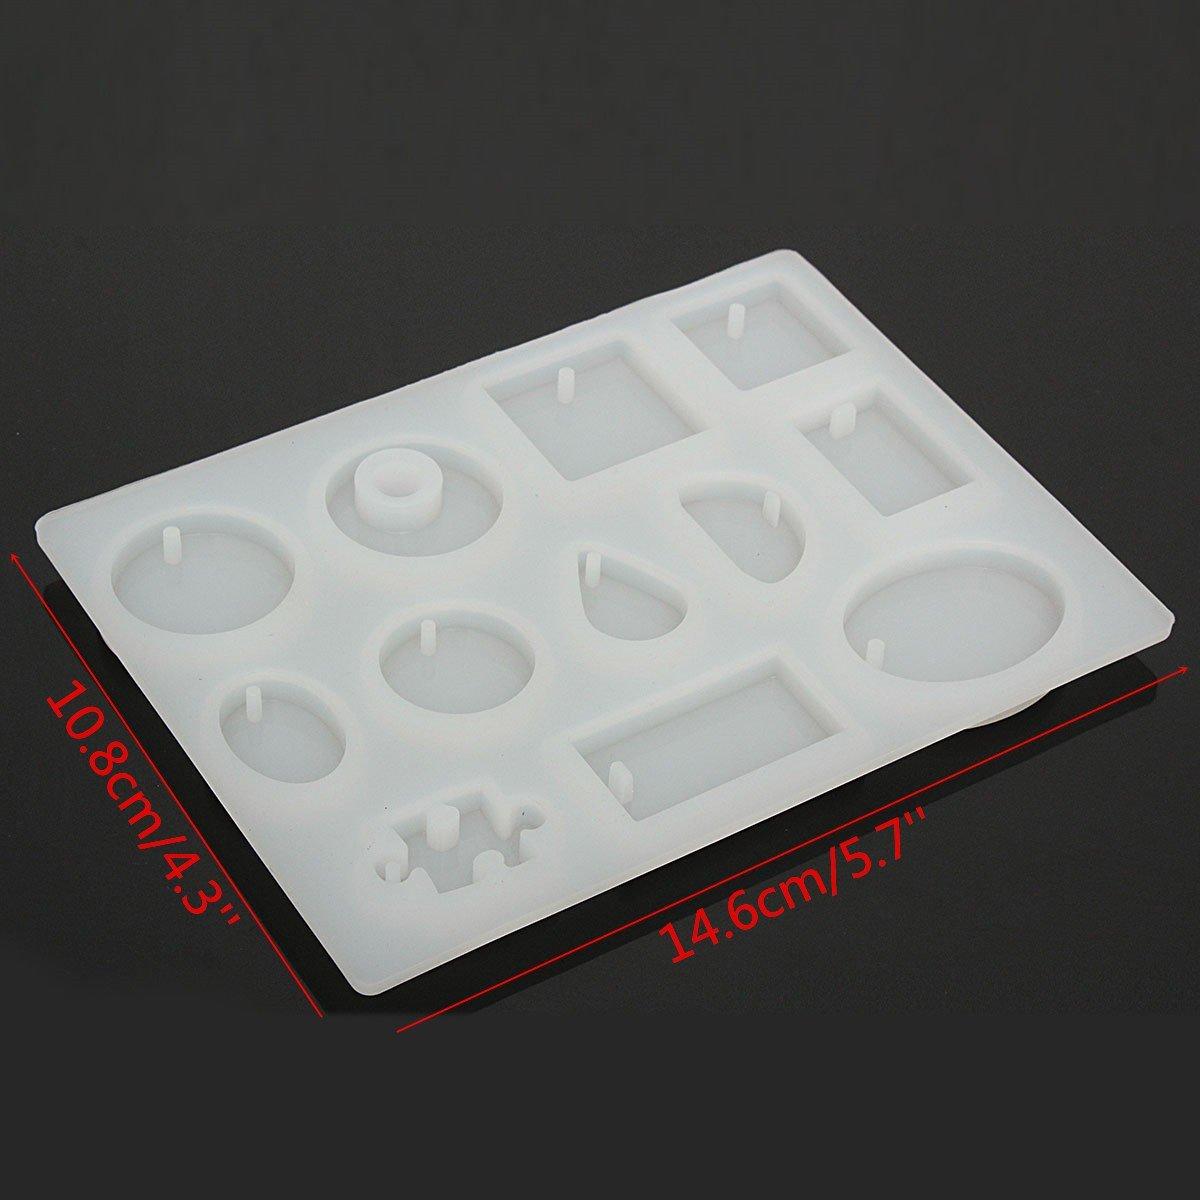 Moldes para resina de King Do Way, para joyas, manualidades y bricolaje, 12 patrones, color blanco: Amazon.es: Hogar